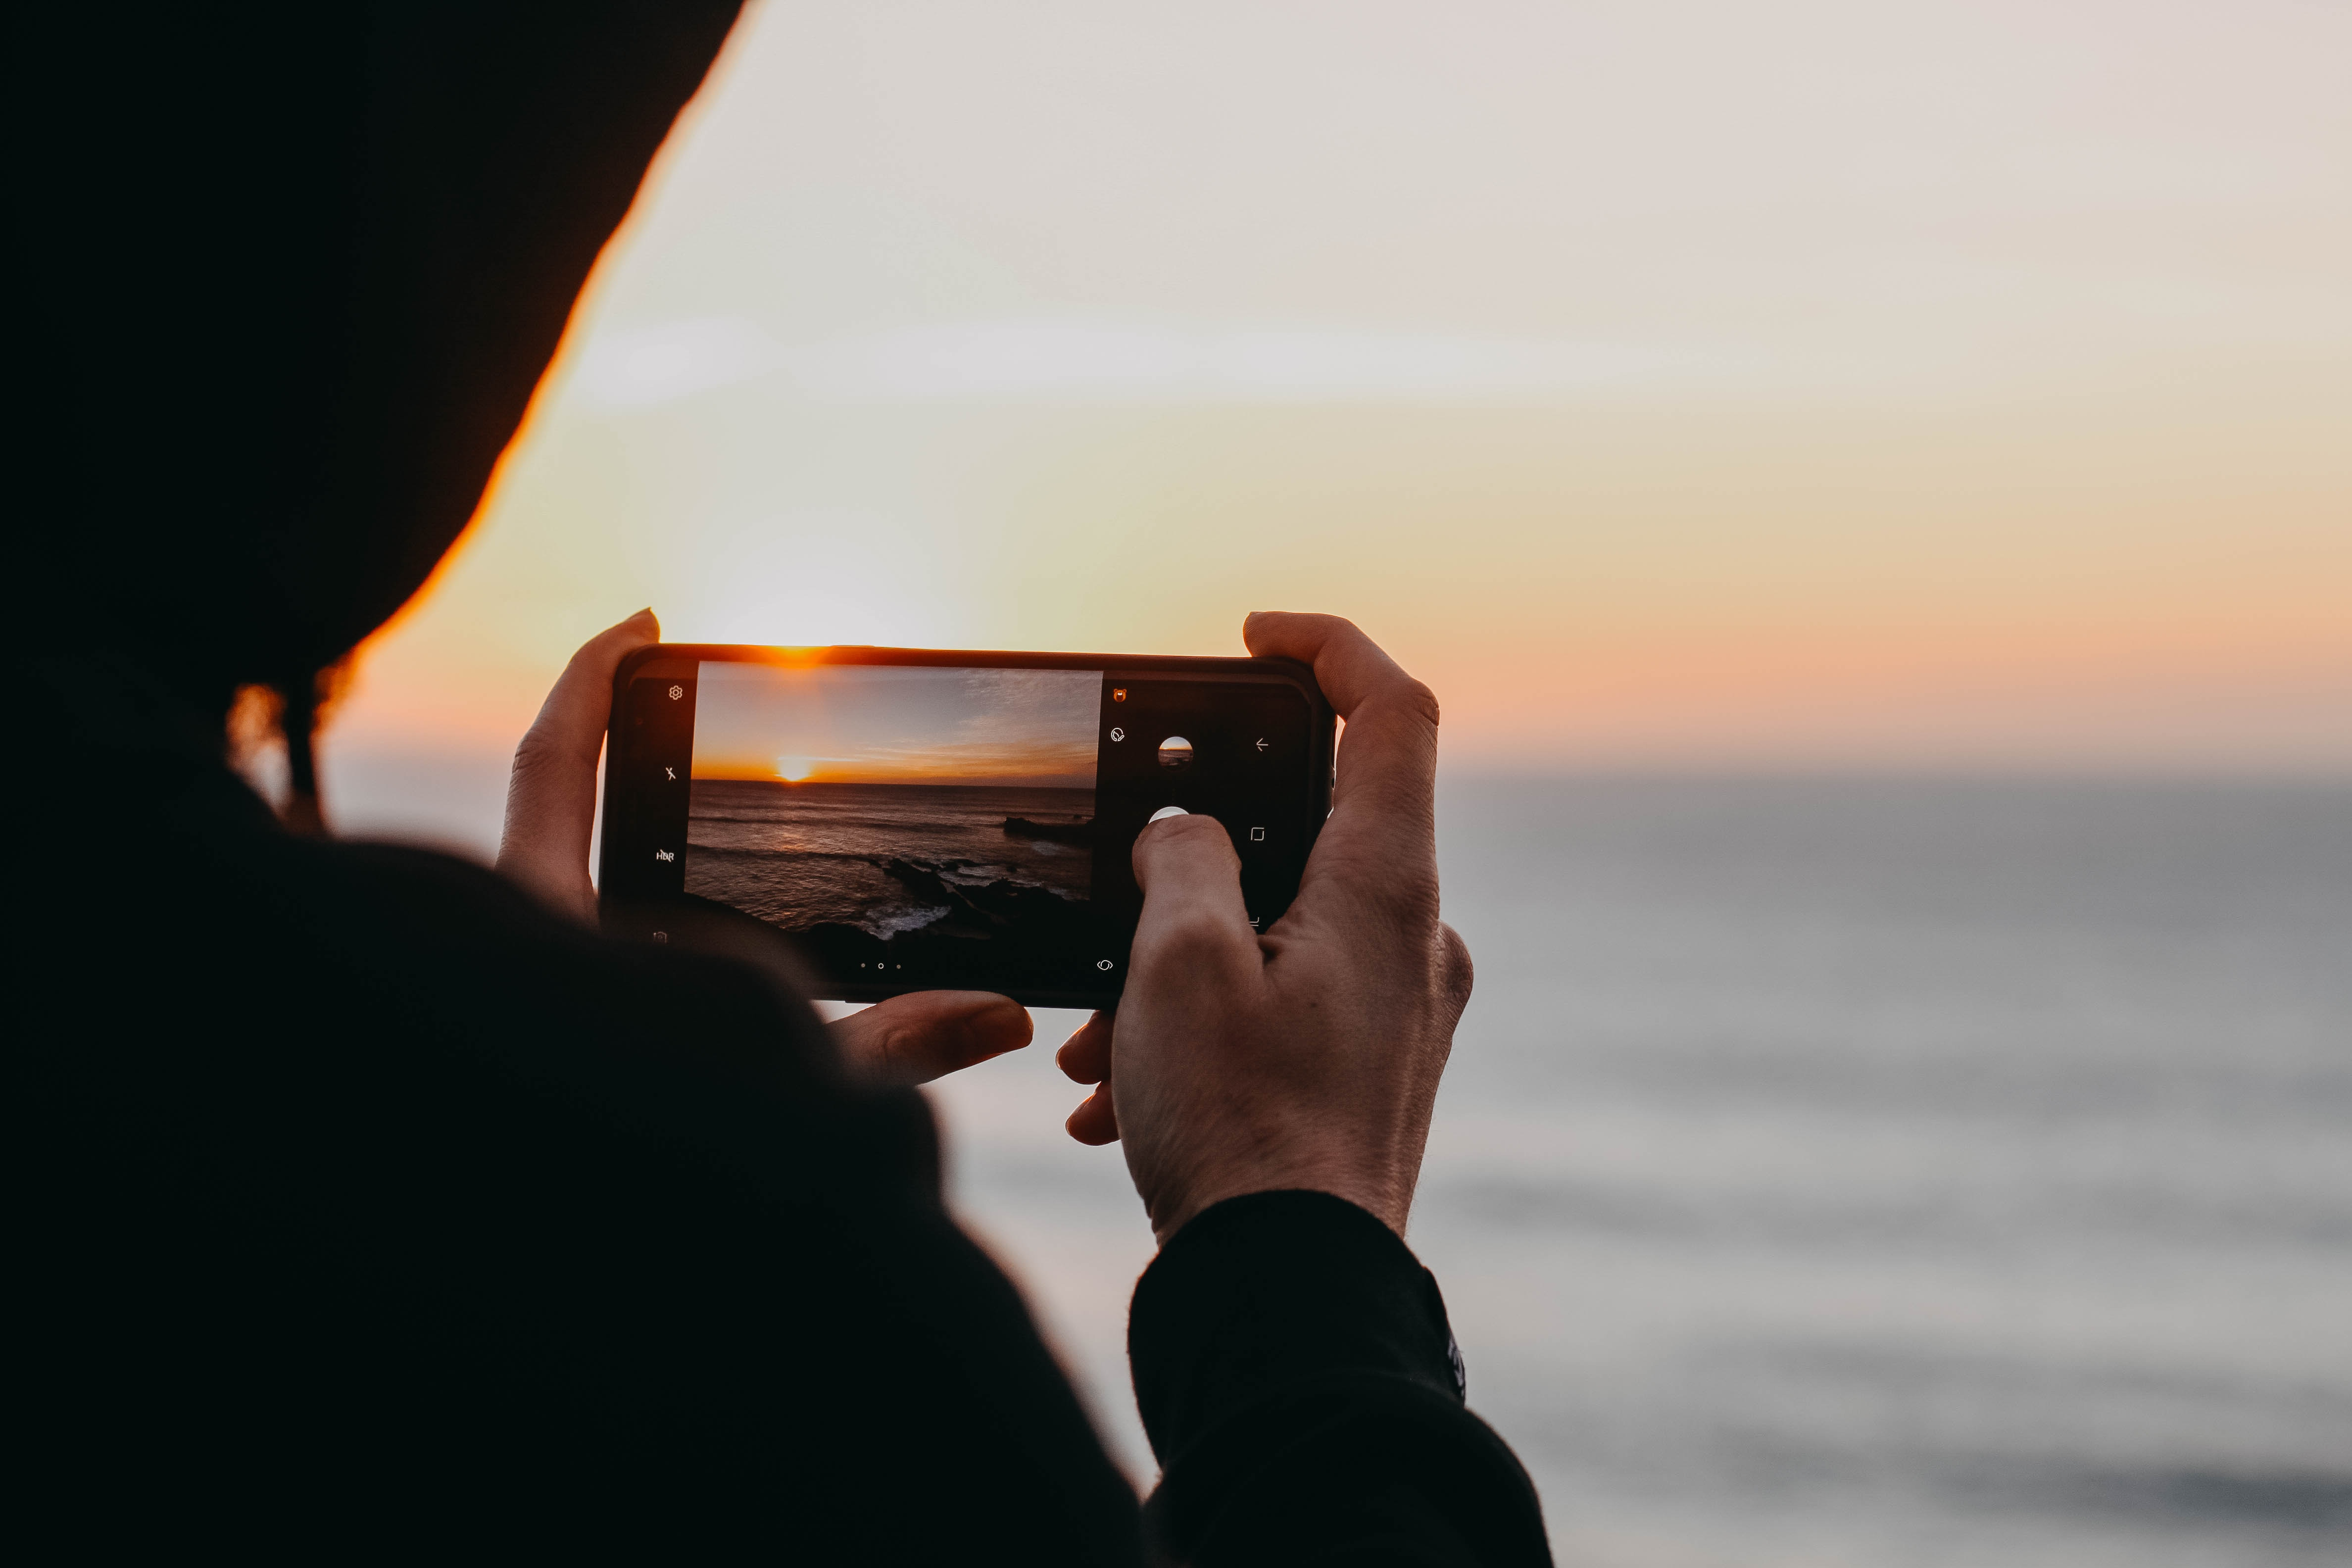 Kvalitetsudstyr til mobilfoto